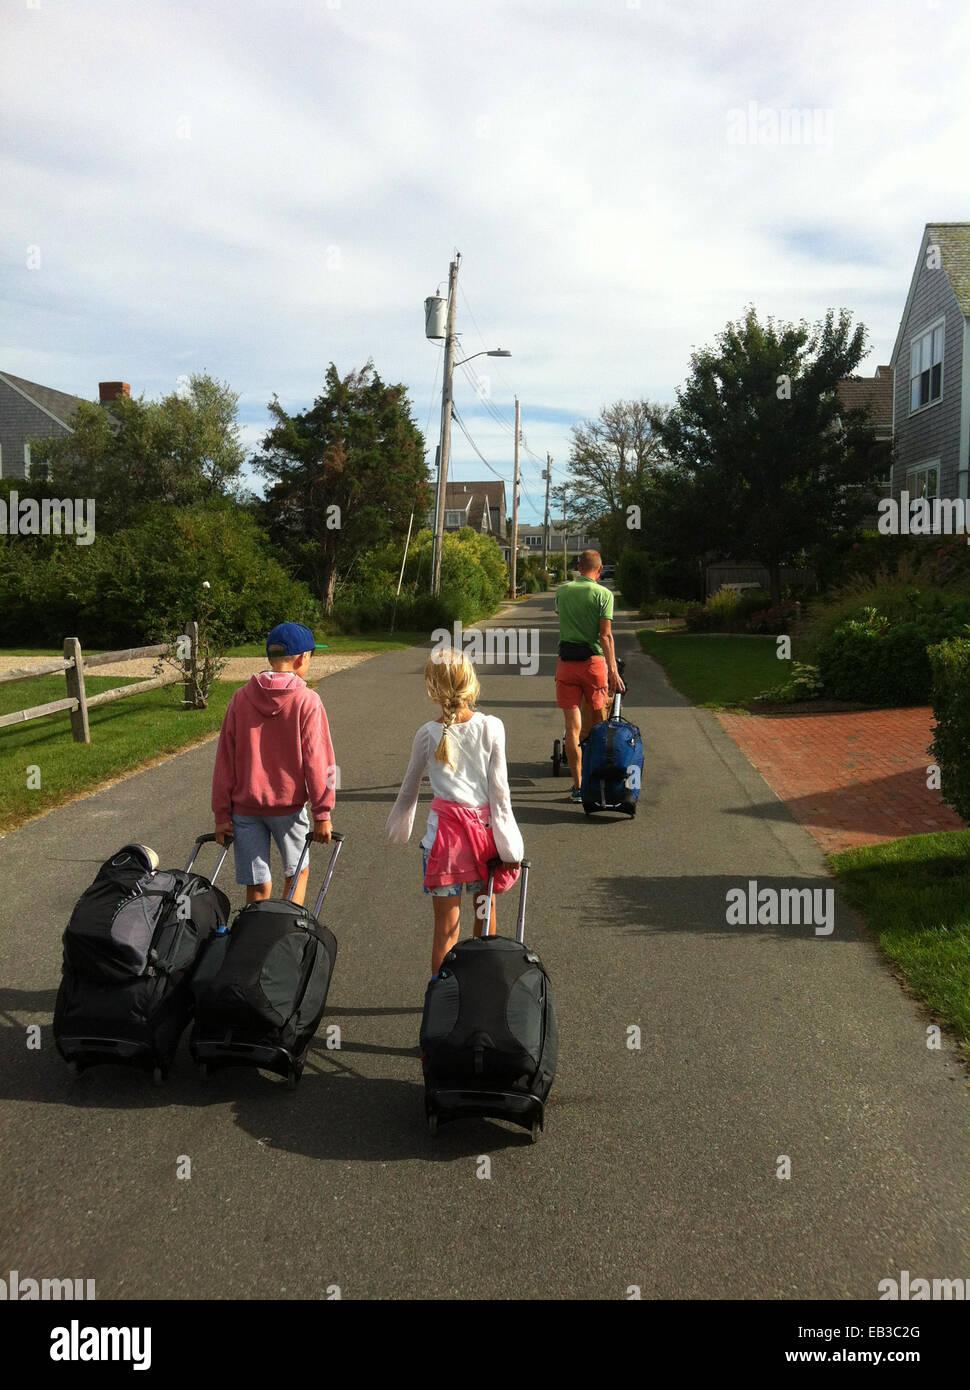 Padre di due figli camminando per strada tirando le valigie Immagini Stock